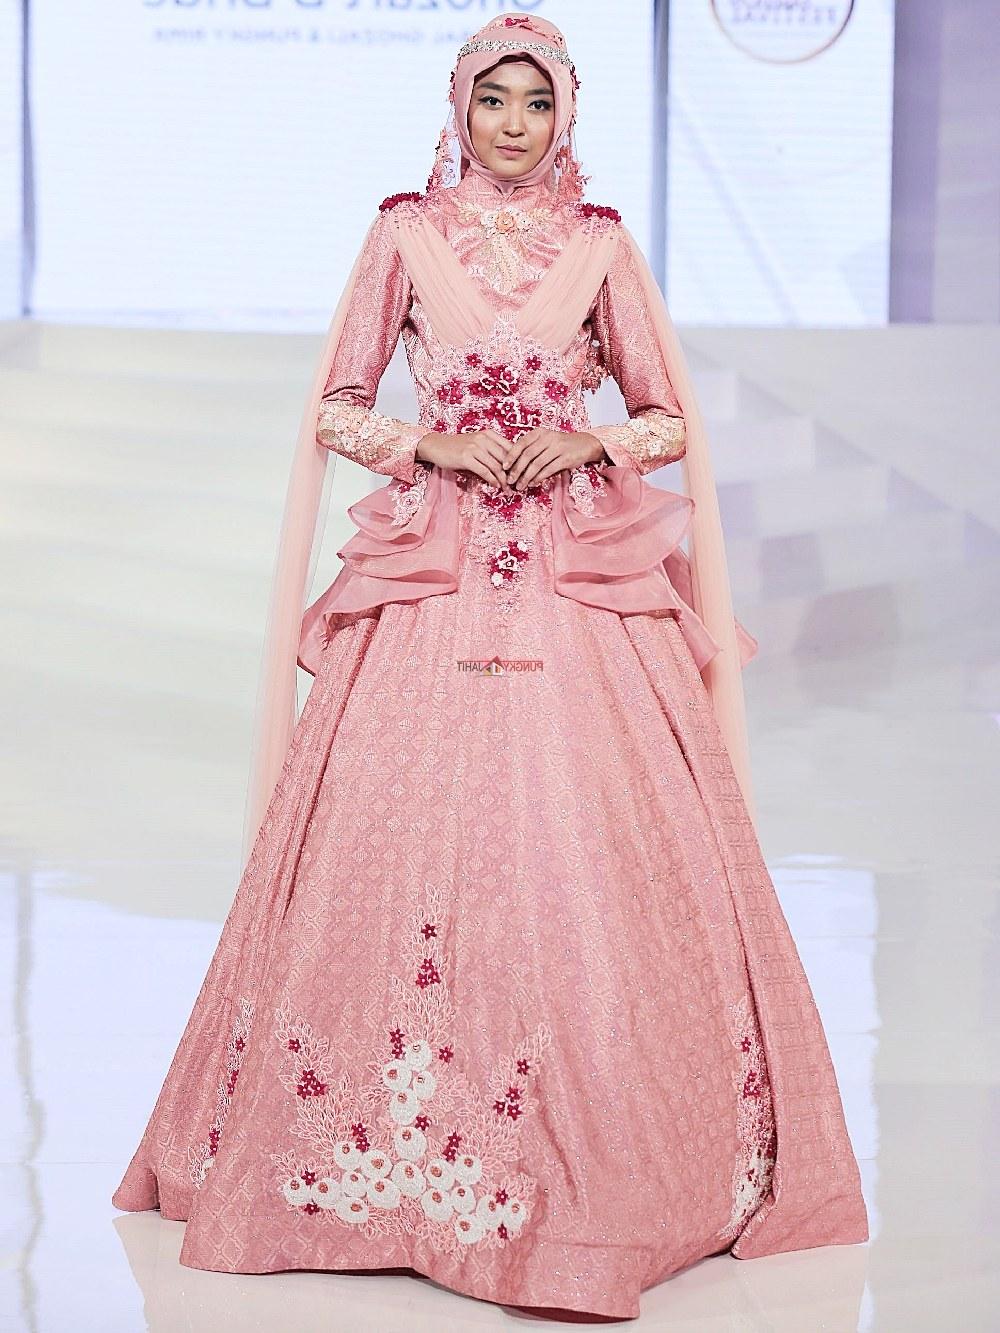 Bentuk Harga Sewa Gaun Pengantin Muslimah Budm Sewa Perdana Baju Pengantin Muslimah Jogja Gaun Pengantin